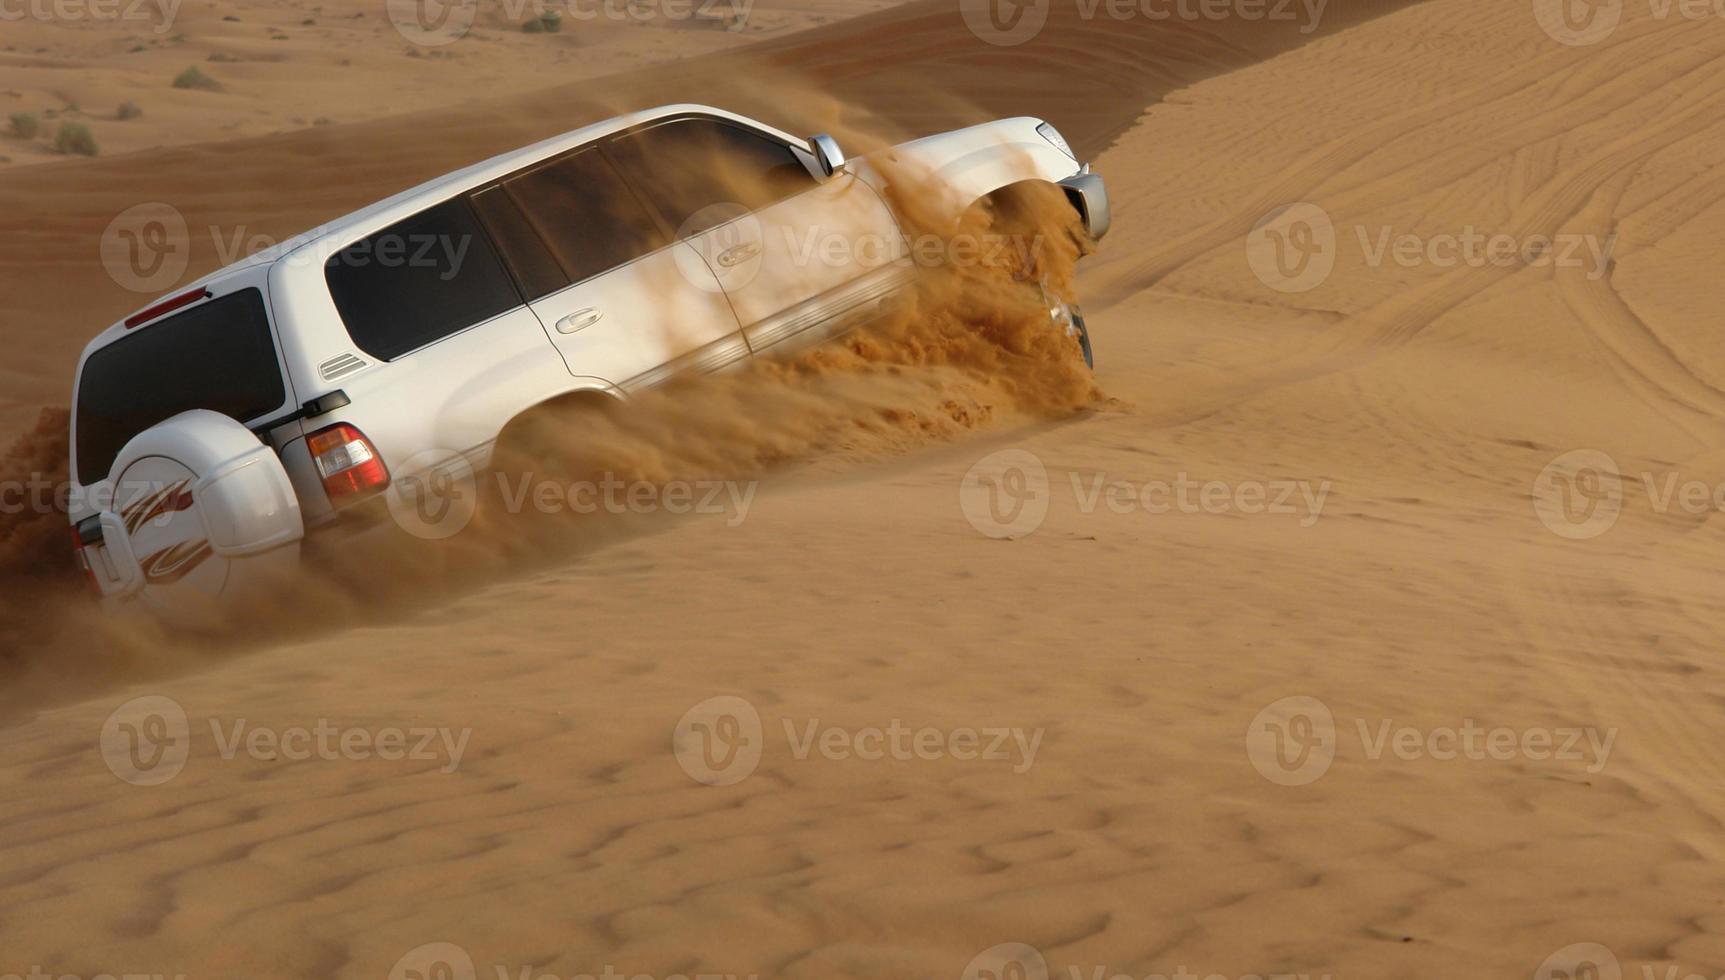 aventure safari dans le désert photo